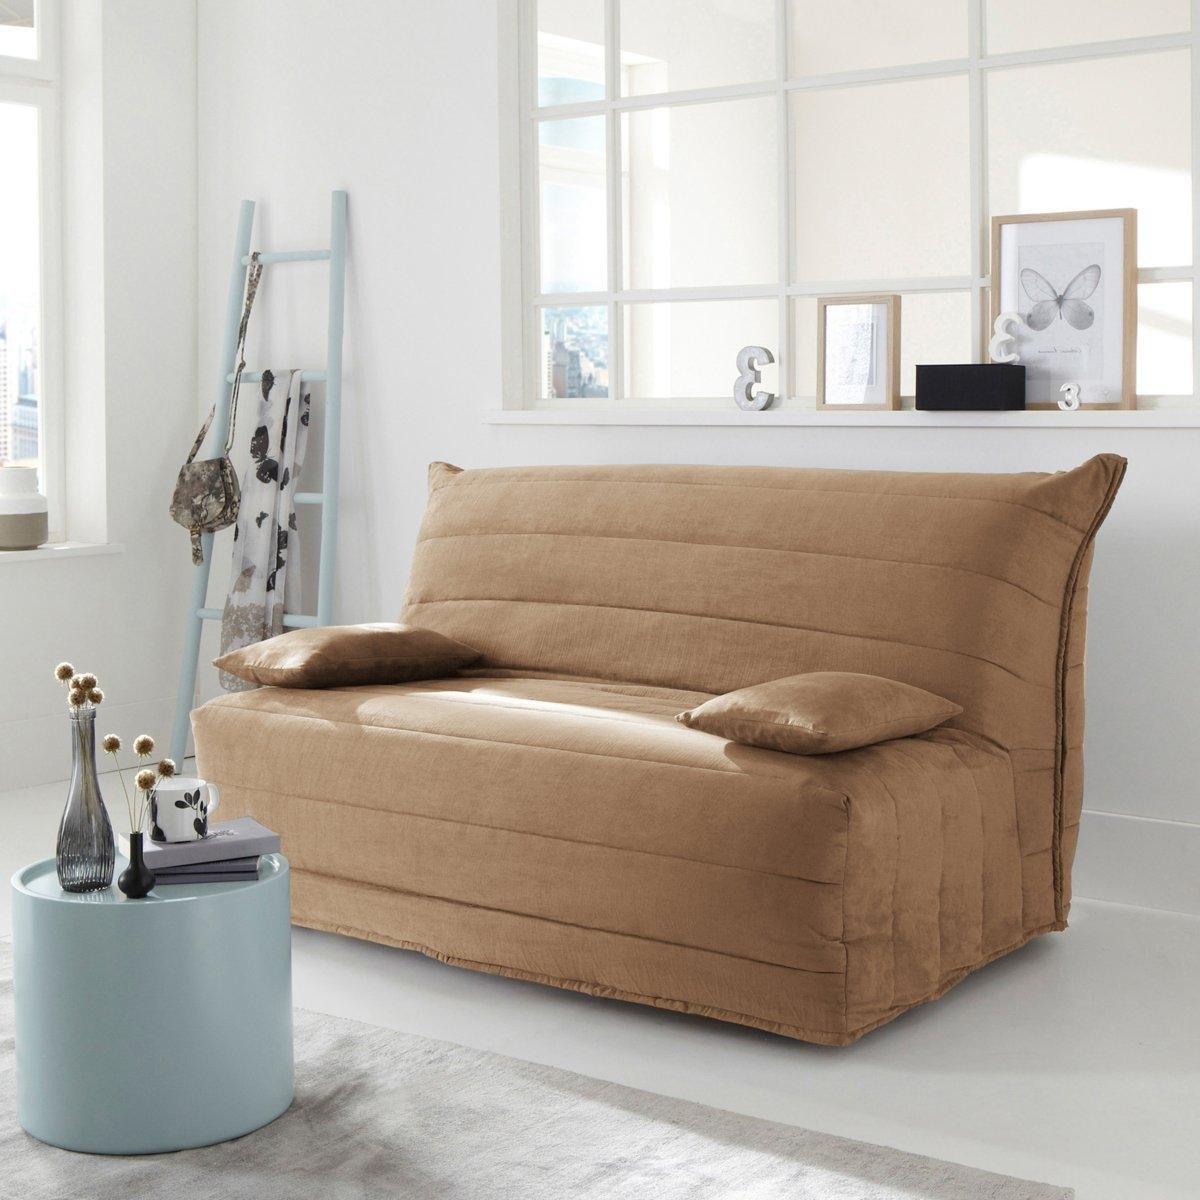 Чехол для дивана-аккордеона из искусственной замшиЧехол для дивана-аккордеона из искусственной замши, мягкий и приятный на ощупь, 100% полиэстер. Полностью закрывает диван включая спинку.Характеристики чехла для дивана-аккордеона:Наполнитель: полиэстер, 120 г/м?.Красивая отделка.2 ширины на выбор: 140 или 160 см. Глубина: 56 см.Стирка при 30°.<br><br>Цвет: красный,светло-желто-каштановый,серый жемчужный<br>Размер: 160 cm.160 cm.140 cm.160 cm